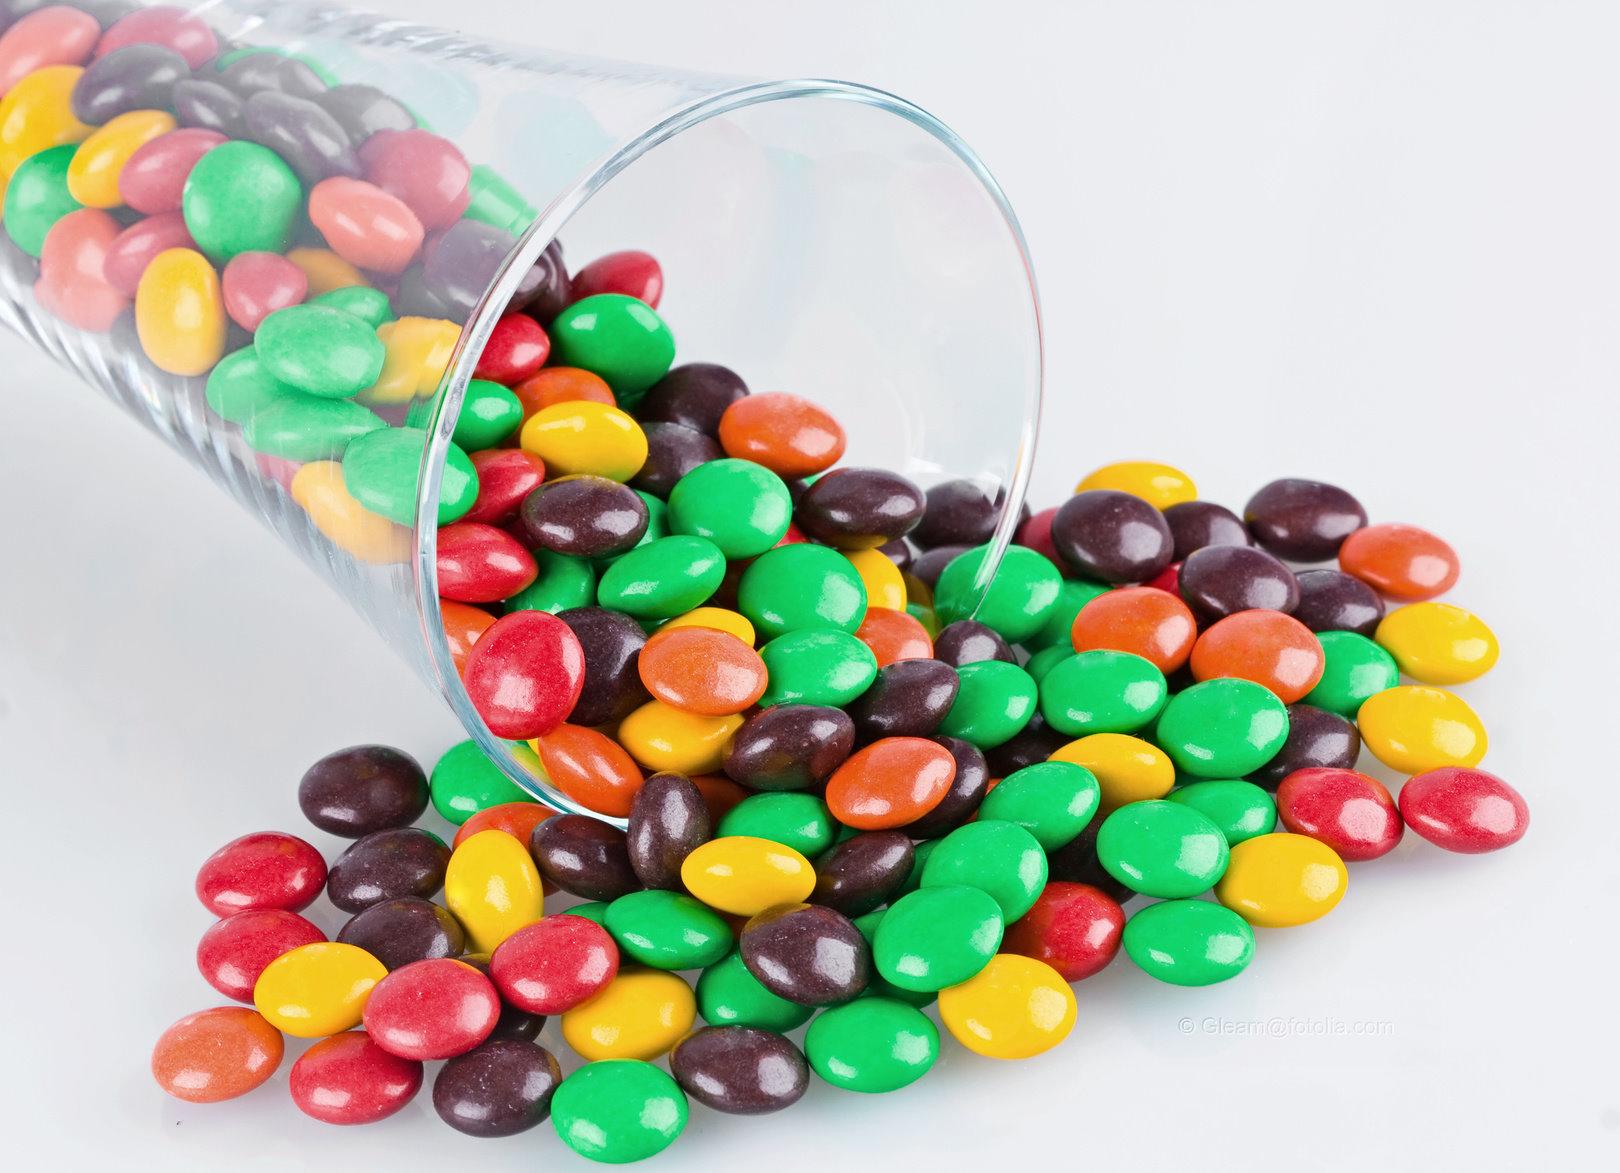 Wie viele Bonbons passen in ein Glas?